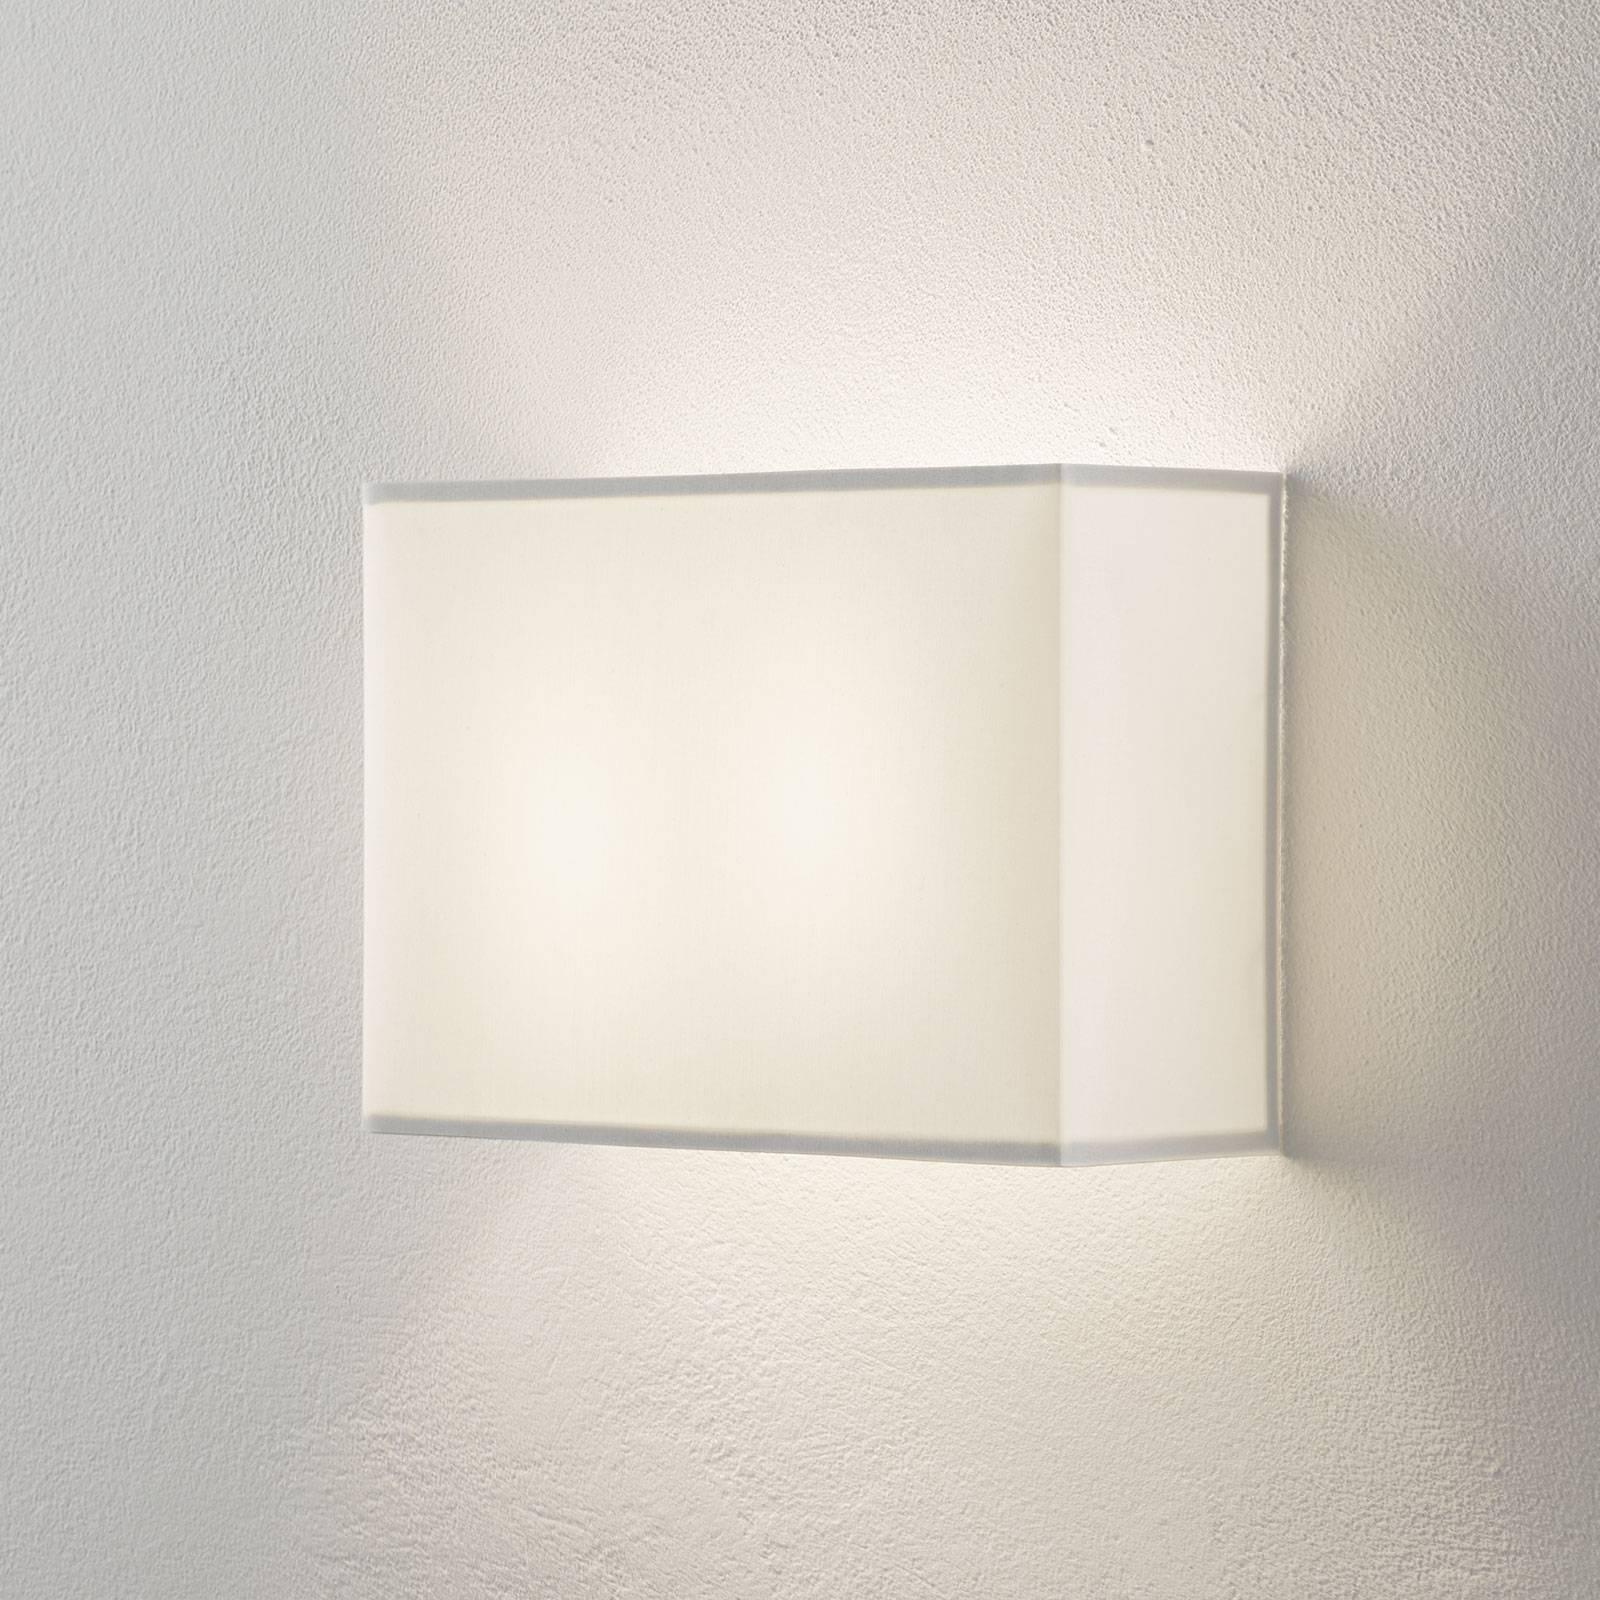 Lucande Patrik wandlamp hoekig hoogte 22cm wit